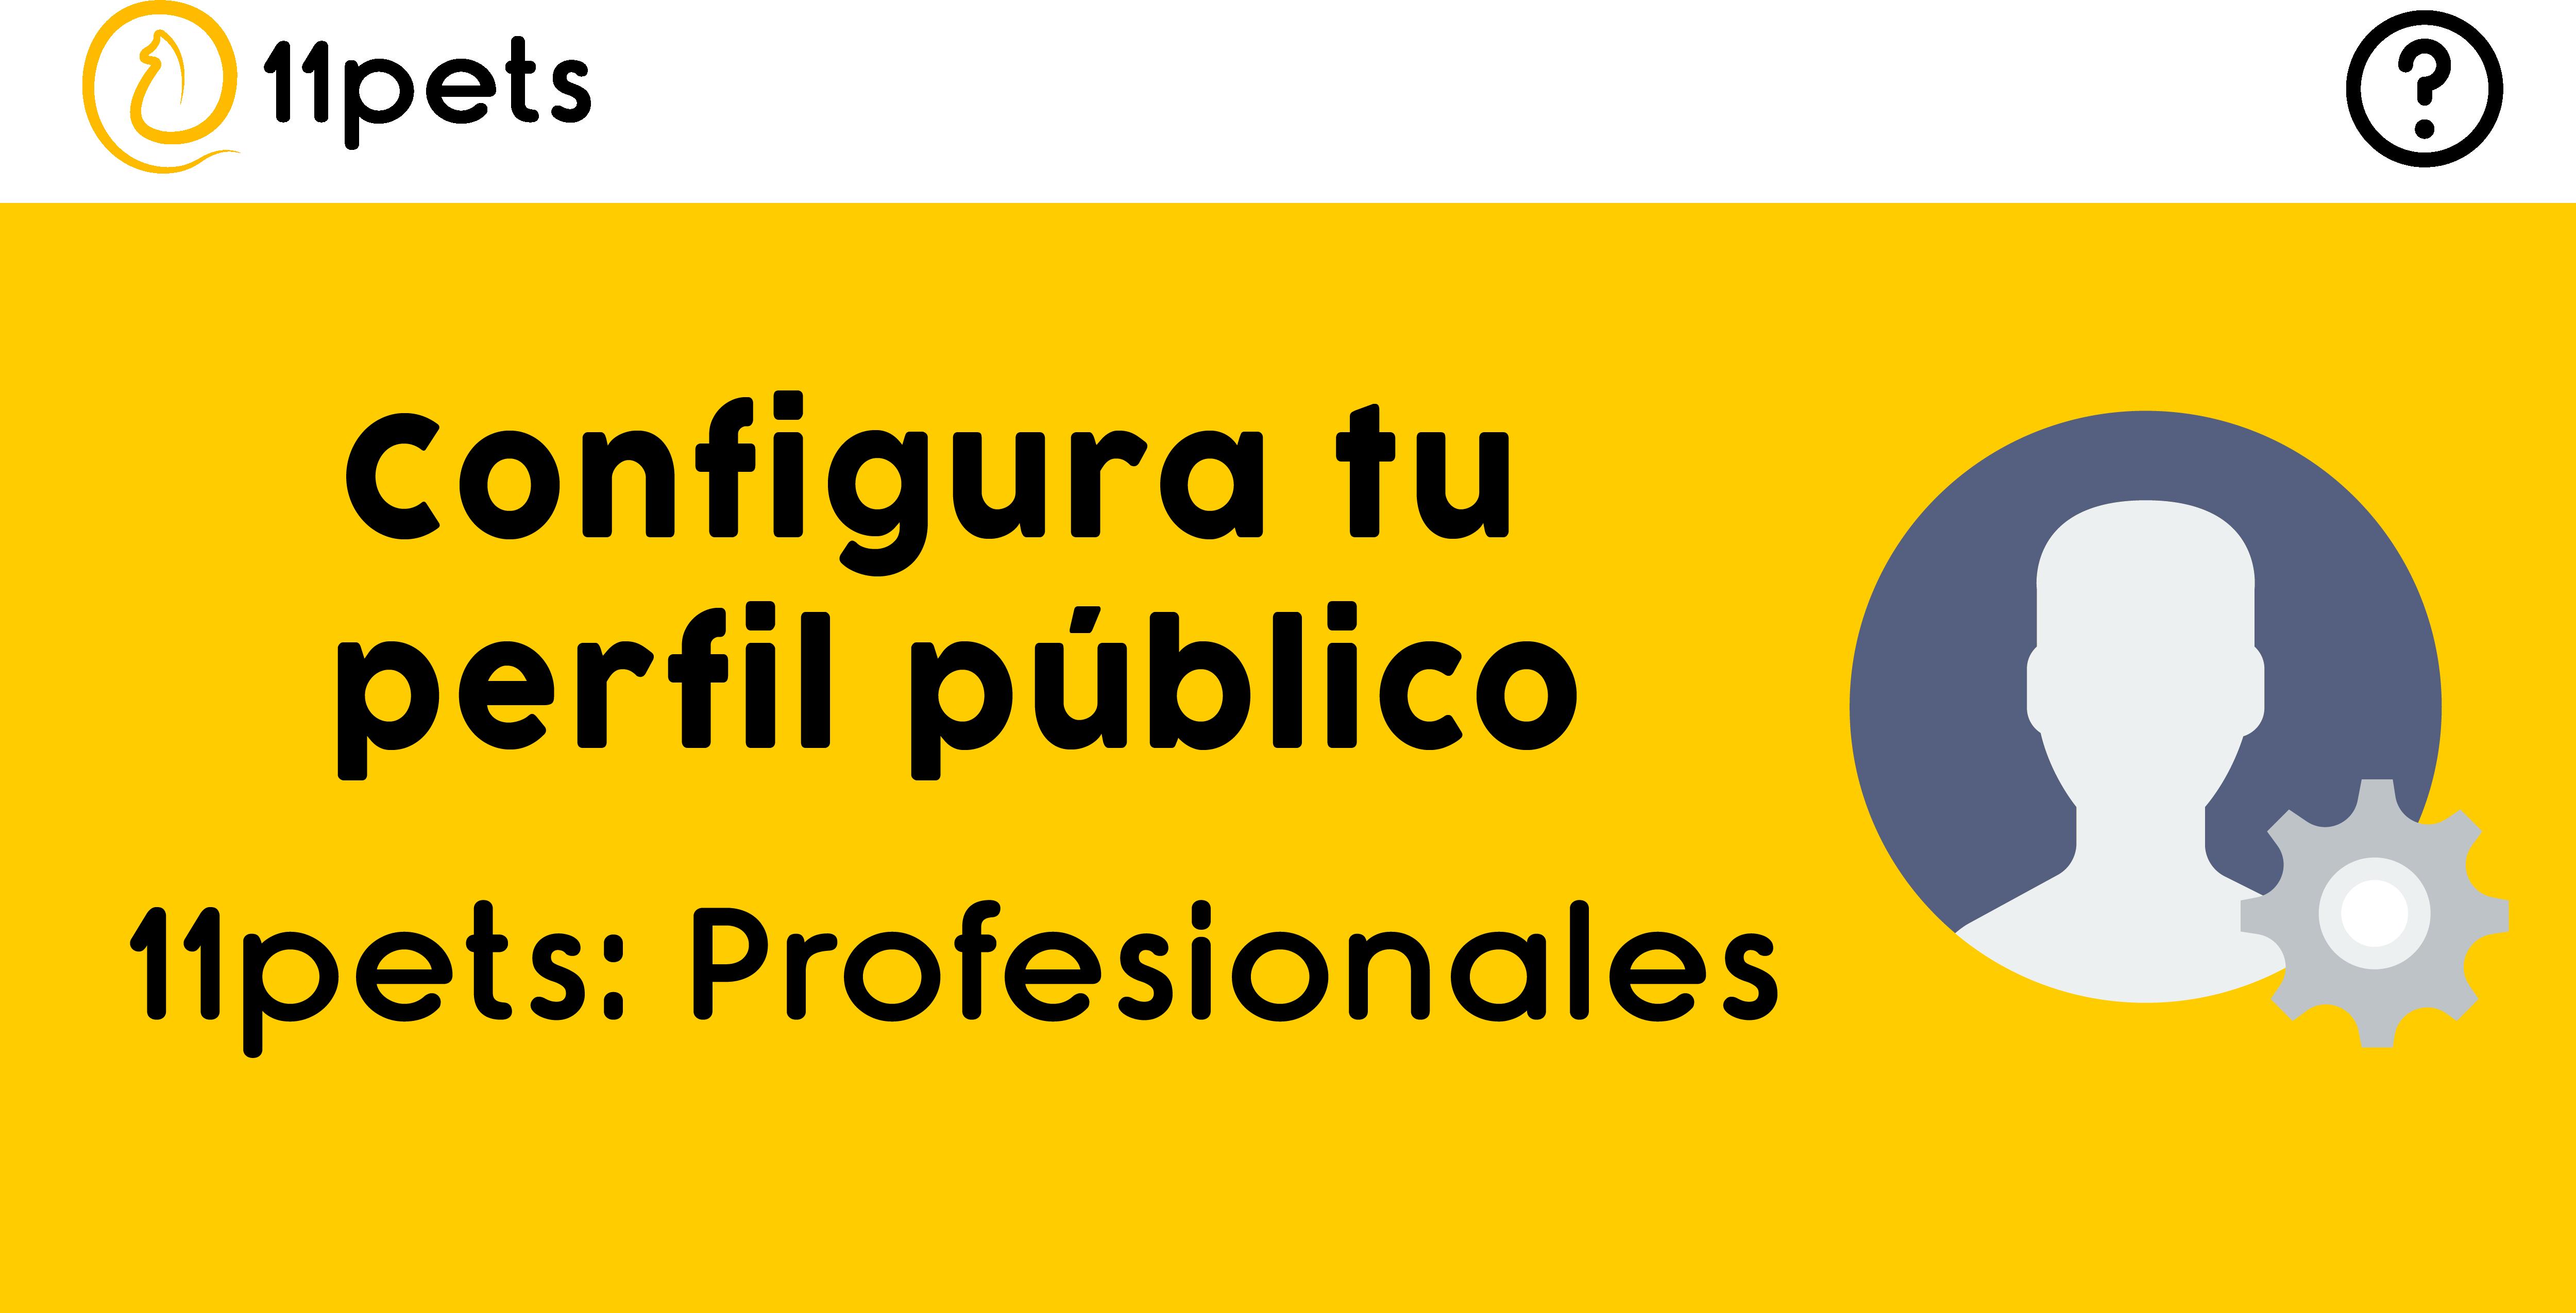 Configura tu perfil público con 11pets para profesionales